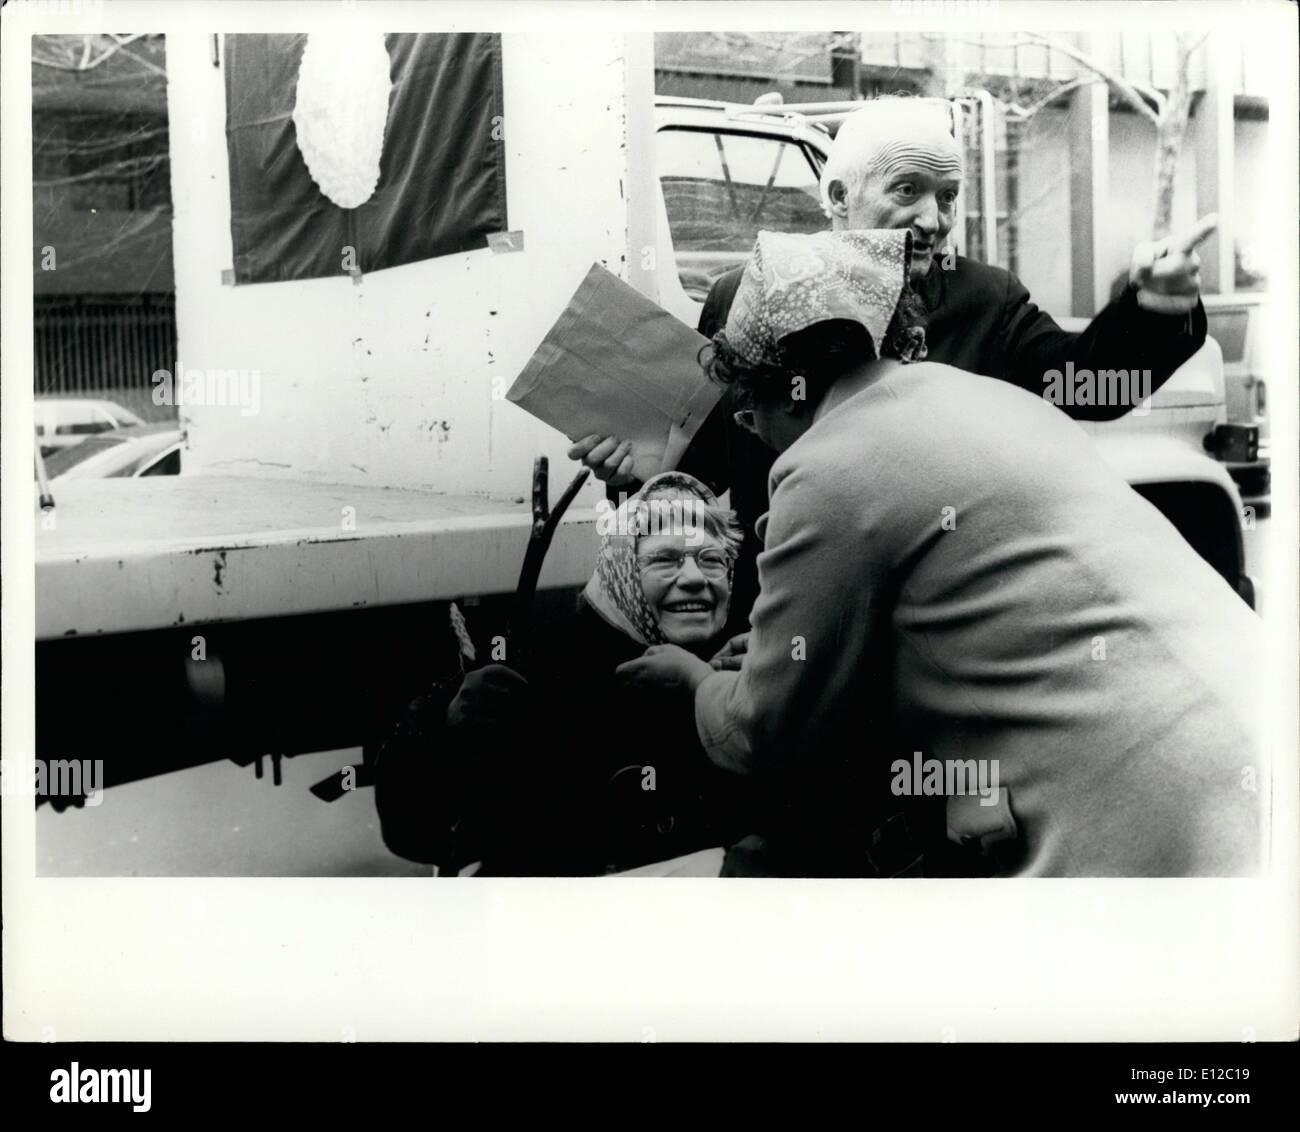 Le 16 décembre 2011 - Journée de la Terre 1977 célèbre anthropologue Margaret Mead et présidente internationale de la Journée de la Terre 1977 sonné la cloche de la paix des Nations Unies sur Marc 20, 1977 signal à l'instant de l'équinoxe de printemps et le jour de la Terre. Le jour de la Terre est célébré à rappeler à tous les hommes de leur rôle dans la préservation de la planète. Il est prévu de faire un jour de la terre maison de vacances international. OPS: Margaret Mead l'obtention d'un ''babushka'' contre le froid du vent et de la pluie - John McConnell Président de la société de la Terre jour de la Terre (drapeau) Photo Stock